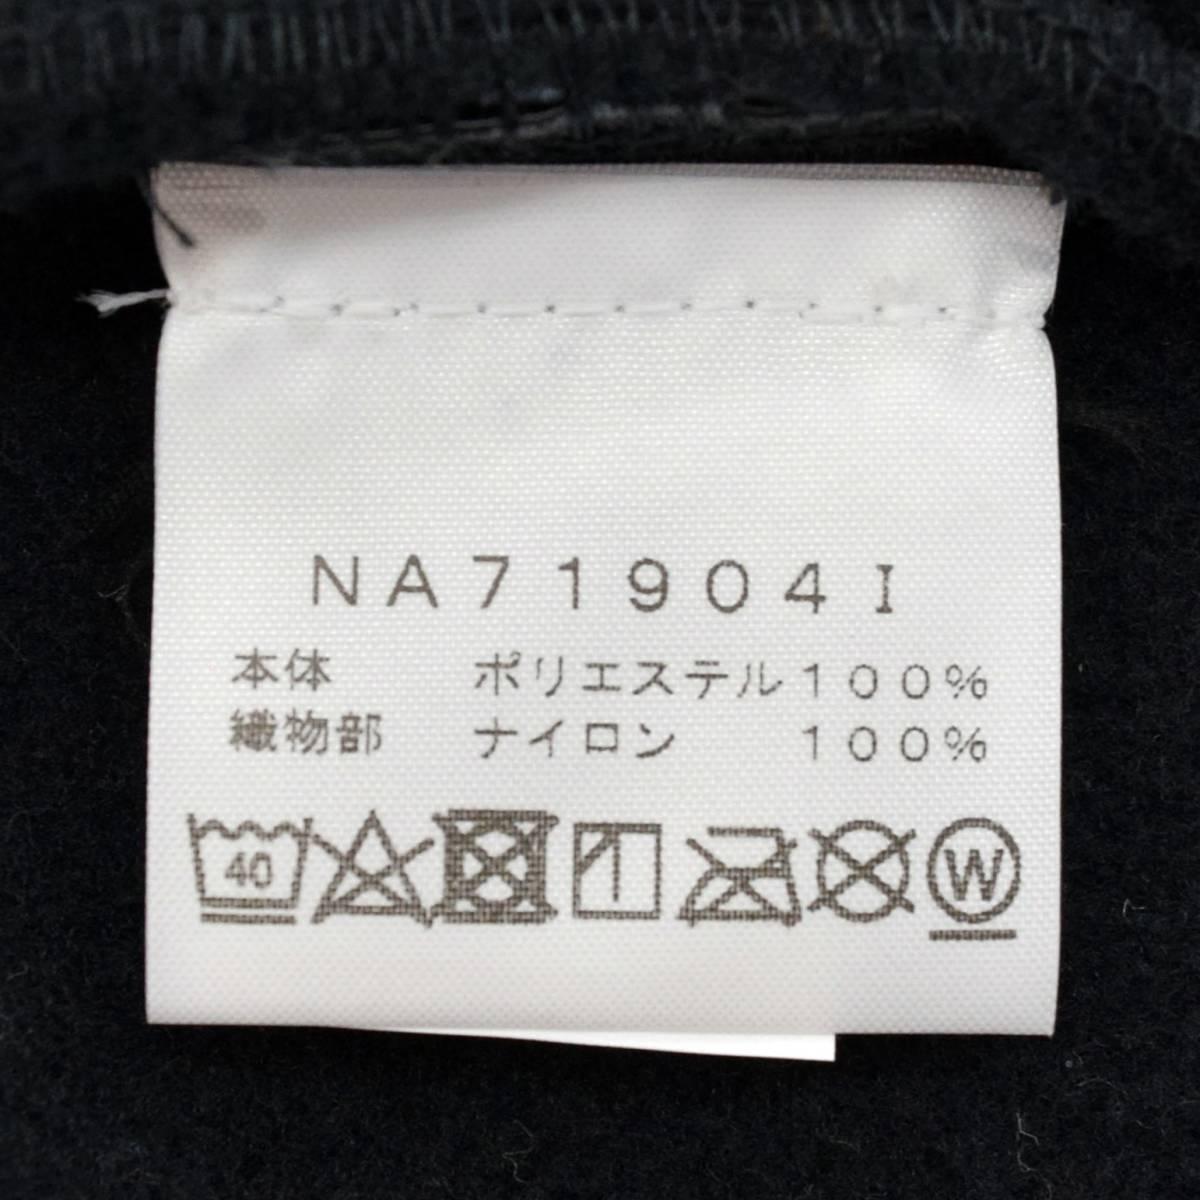 タグ付き未使用品 20SS Supreme THE NORTH FACE RTG Fleece Jacket シュプリーム ノースフェイス フリース ジャケット ブラック_画像9